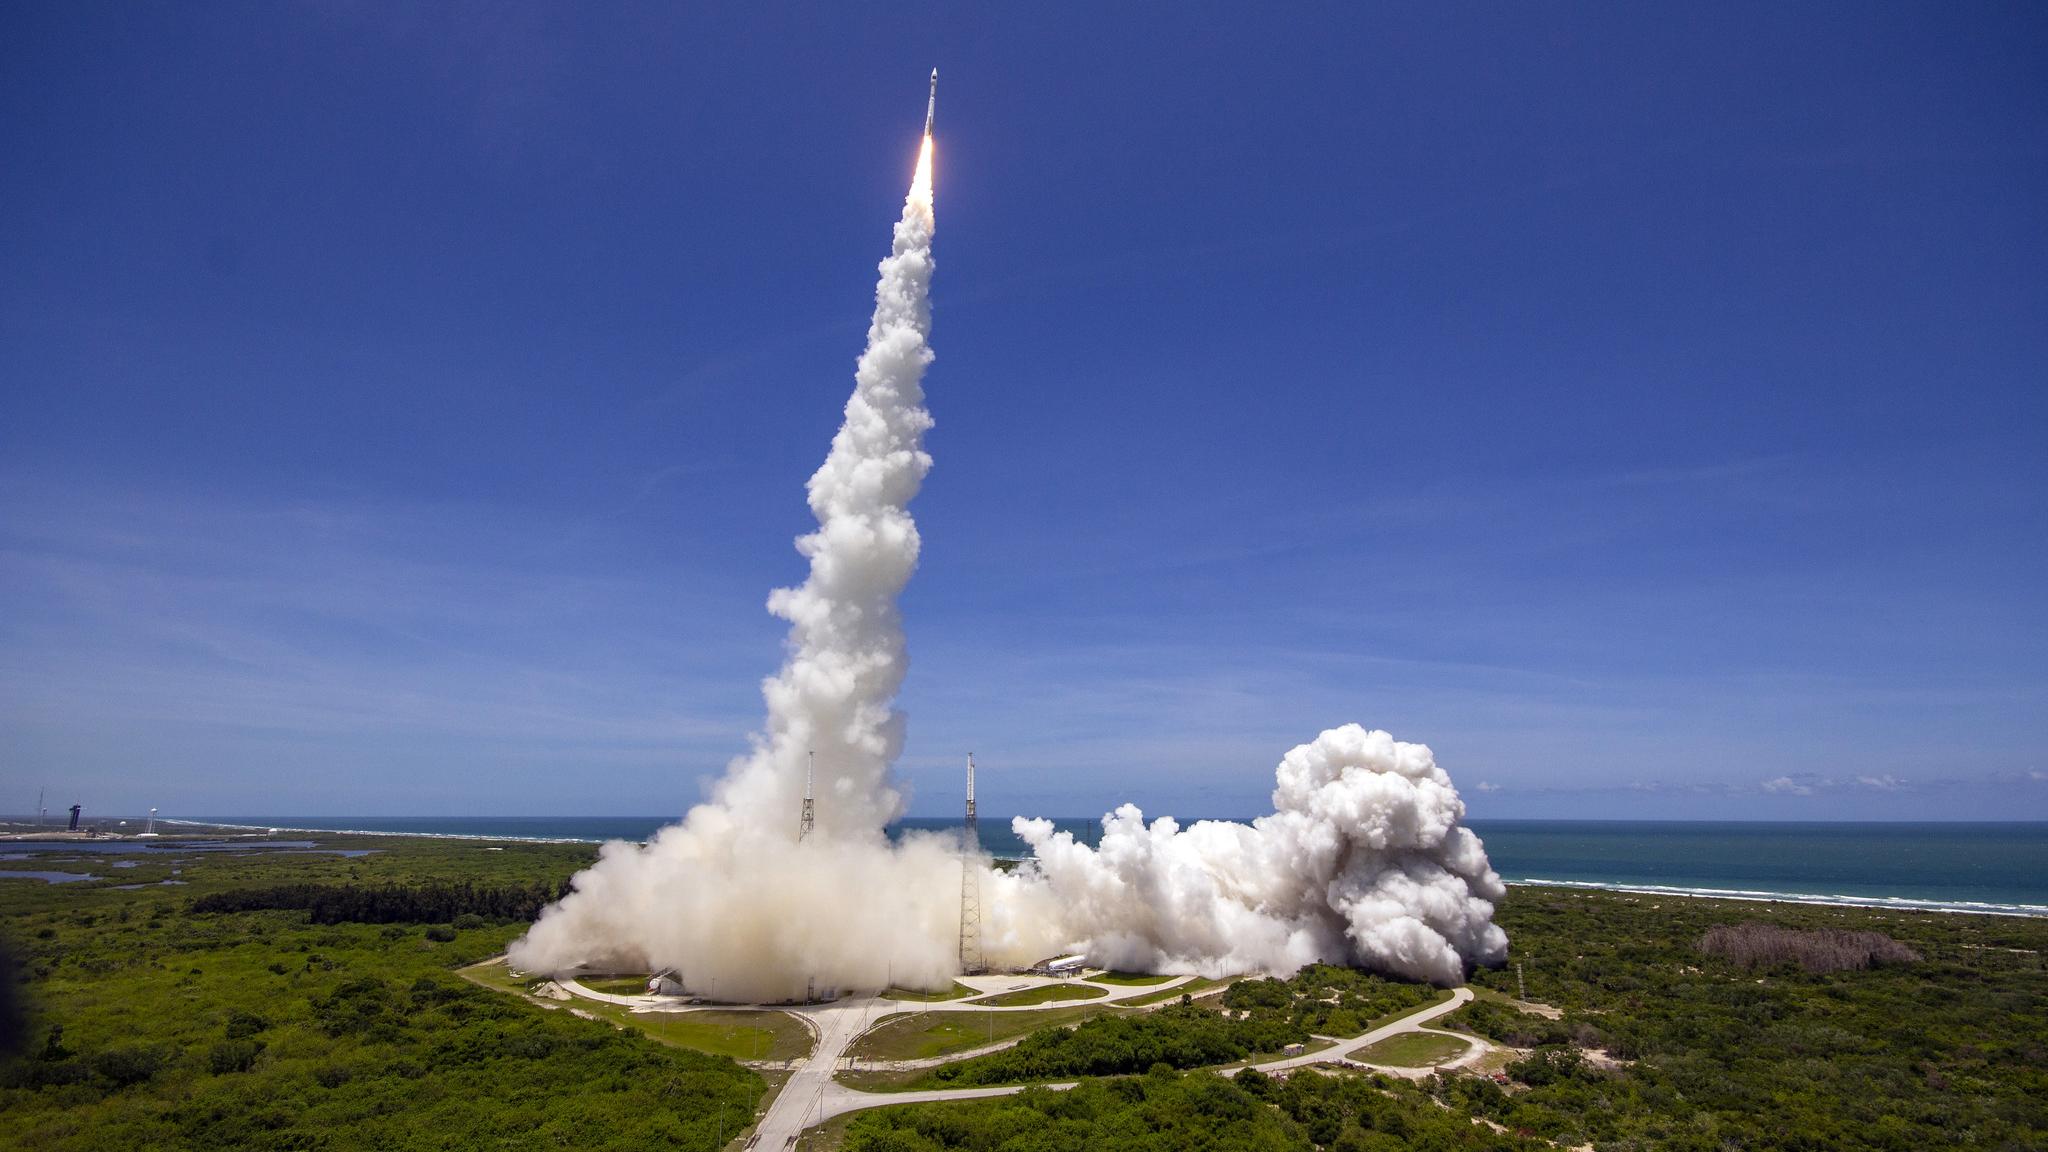 Une fusée Atlas V de United Launch Alliance transportant le satellite d'alerte aux missiles SBIRS Geo Flight 5 pour l'US Space Force décolle du Space Launch Complex 41 de la station spatiale Cape Canaveral en Floride le 18 mai 2021.